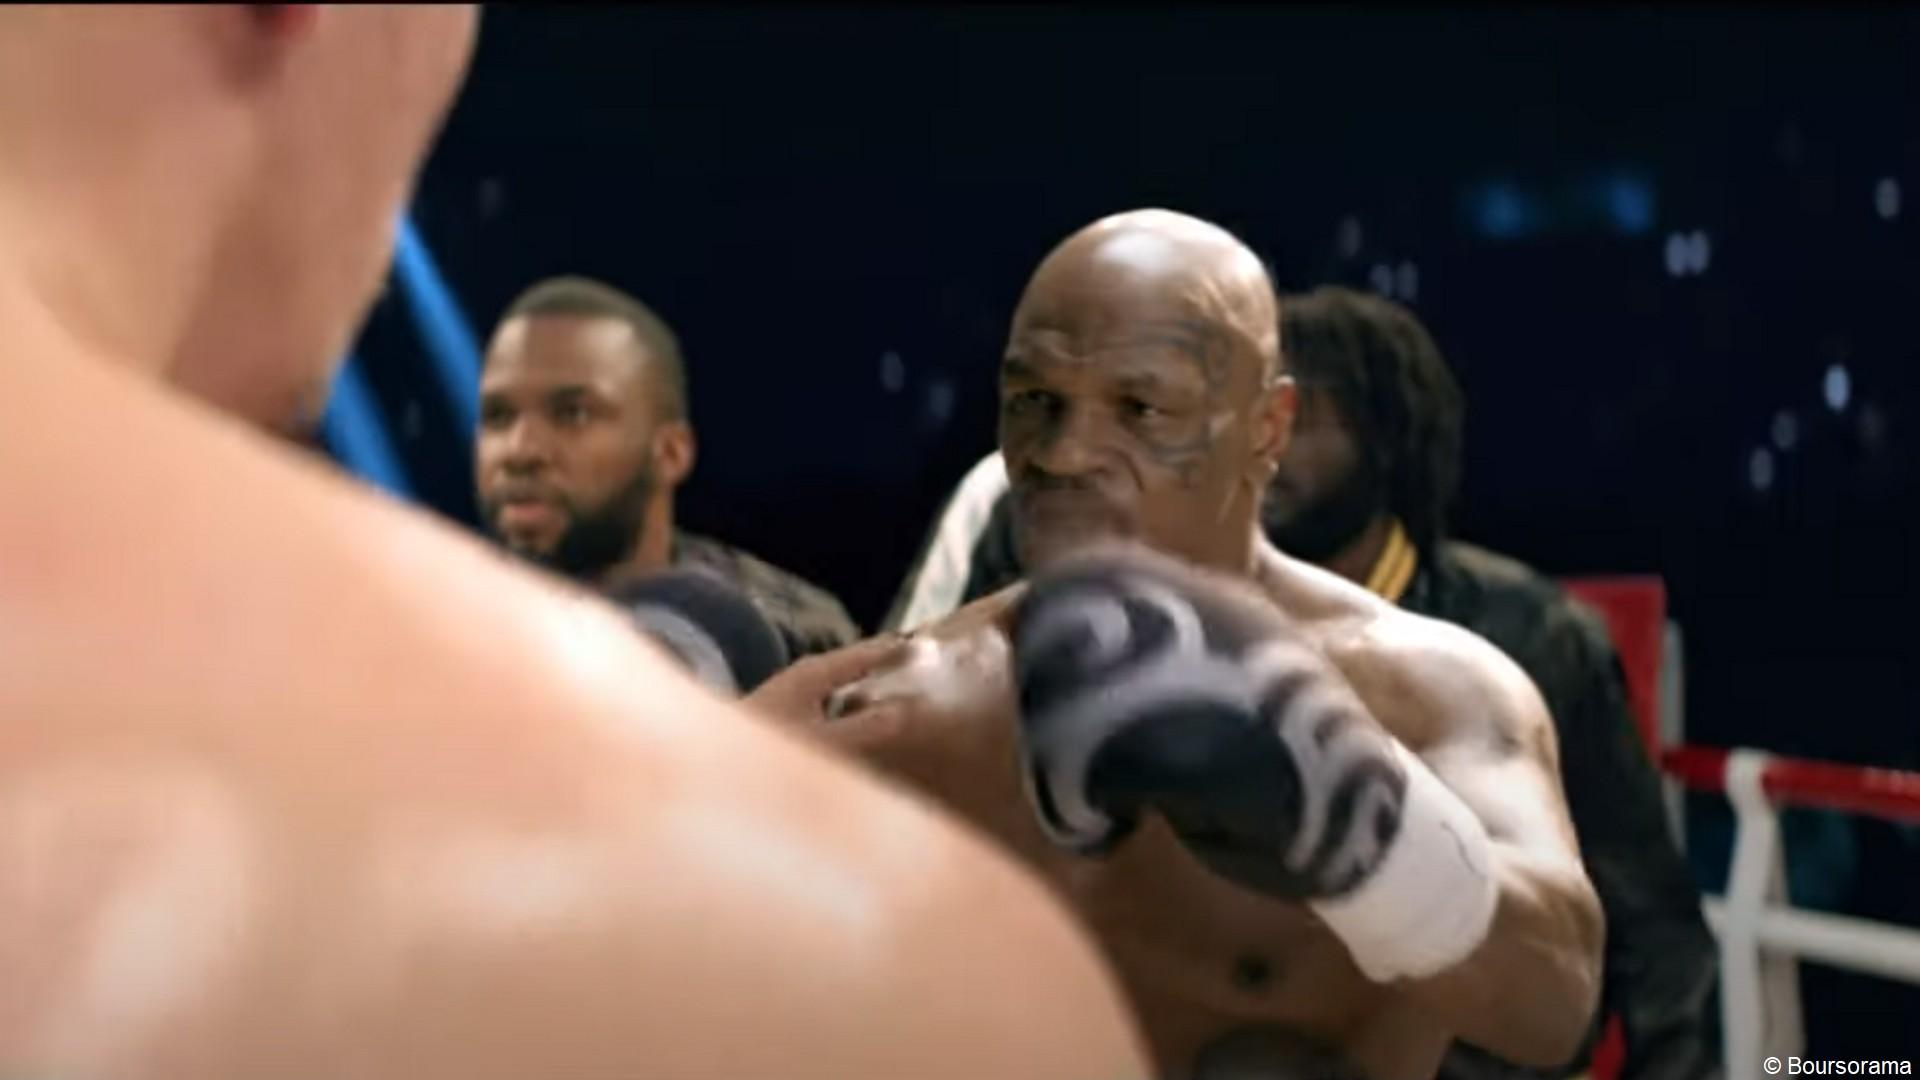 Boursorama x Mike Tyson (Boxe) 2021